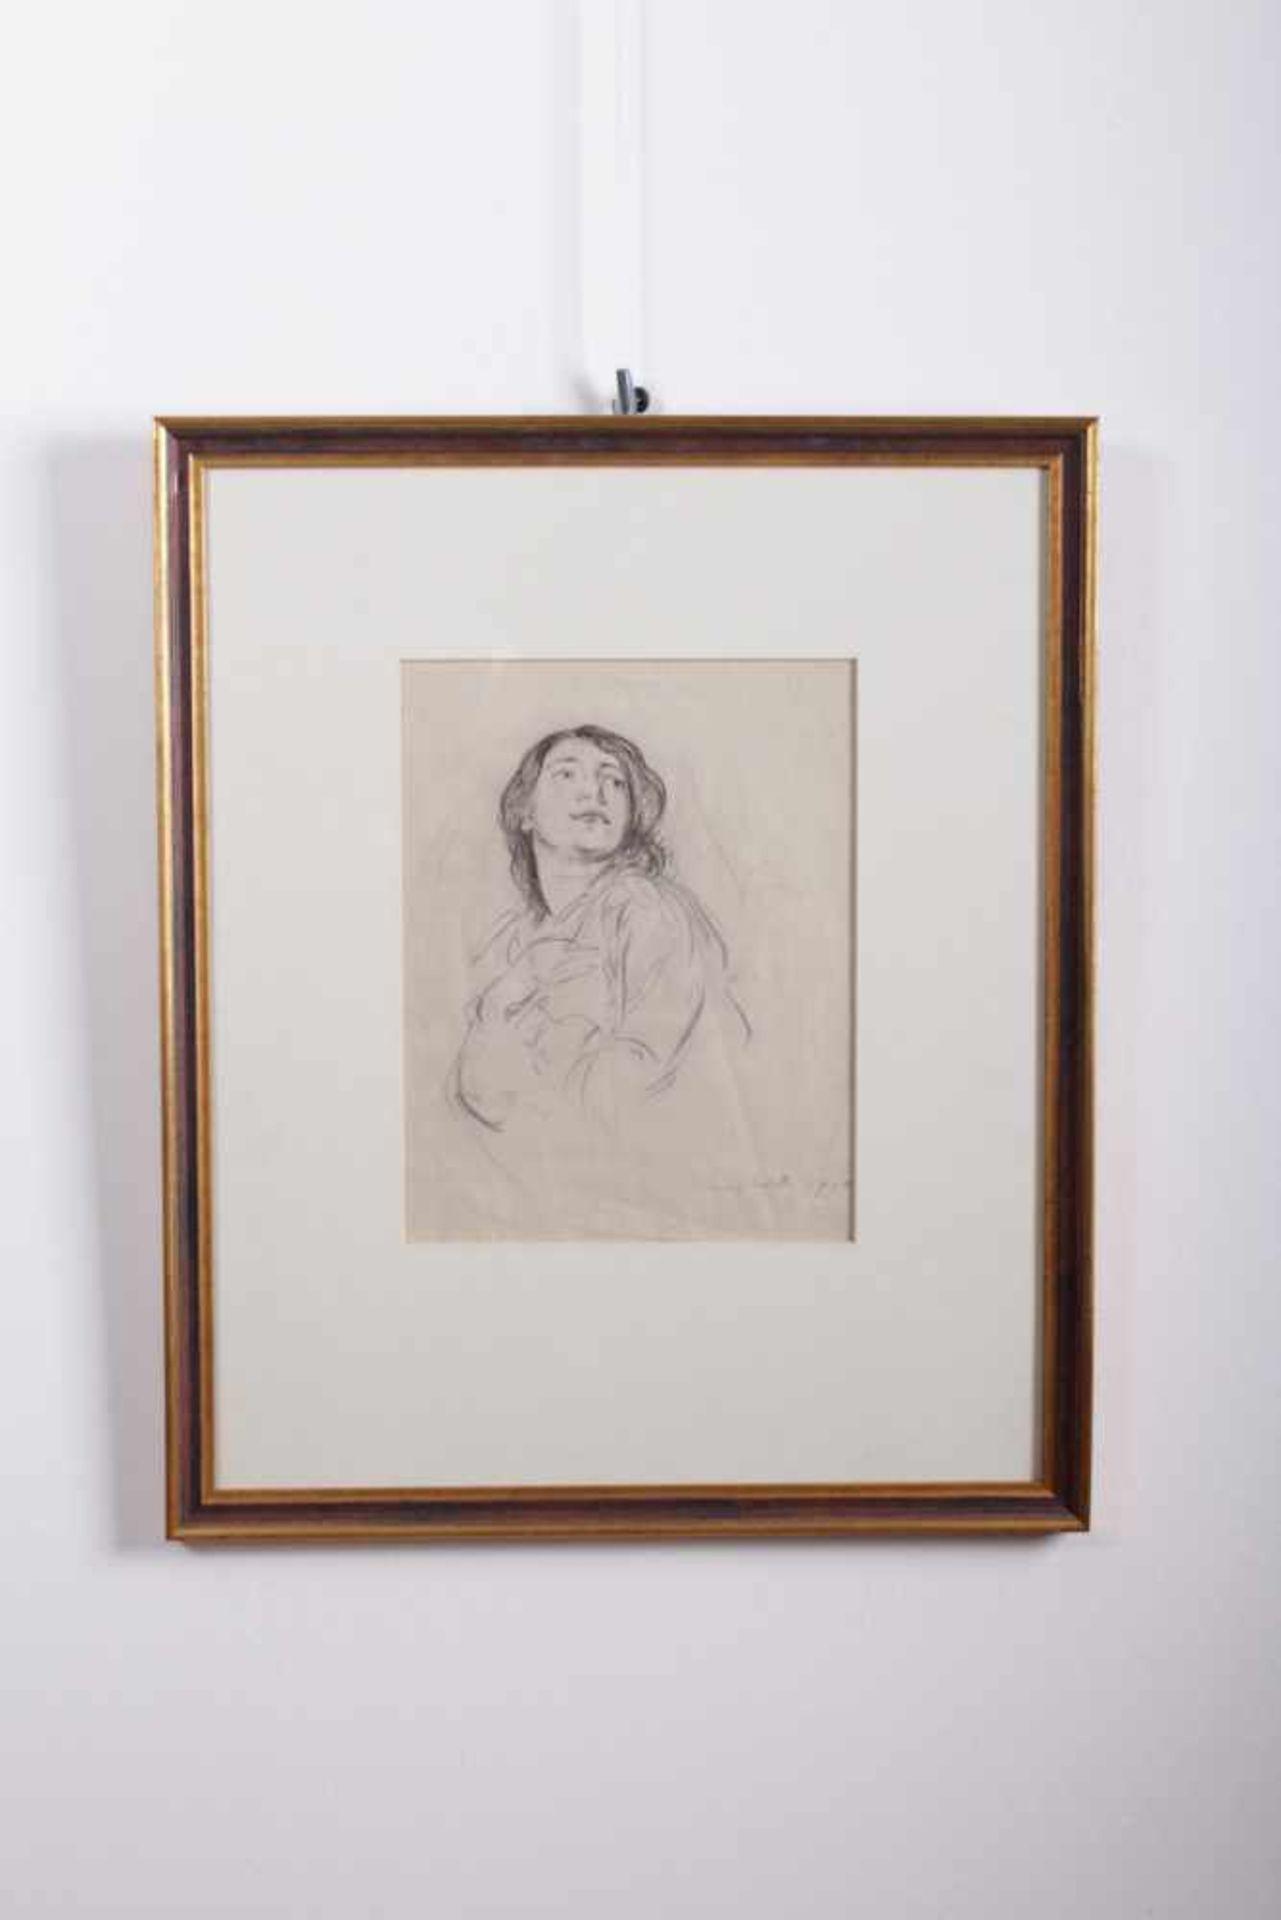 Los 55 - Louis Corinth 1858-1925, Zeichnung eines Damenportraits, Kreide auf Papier, signiert unten rechts,